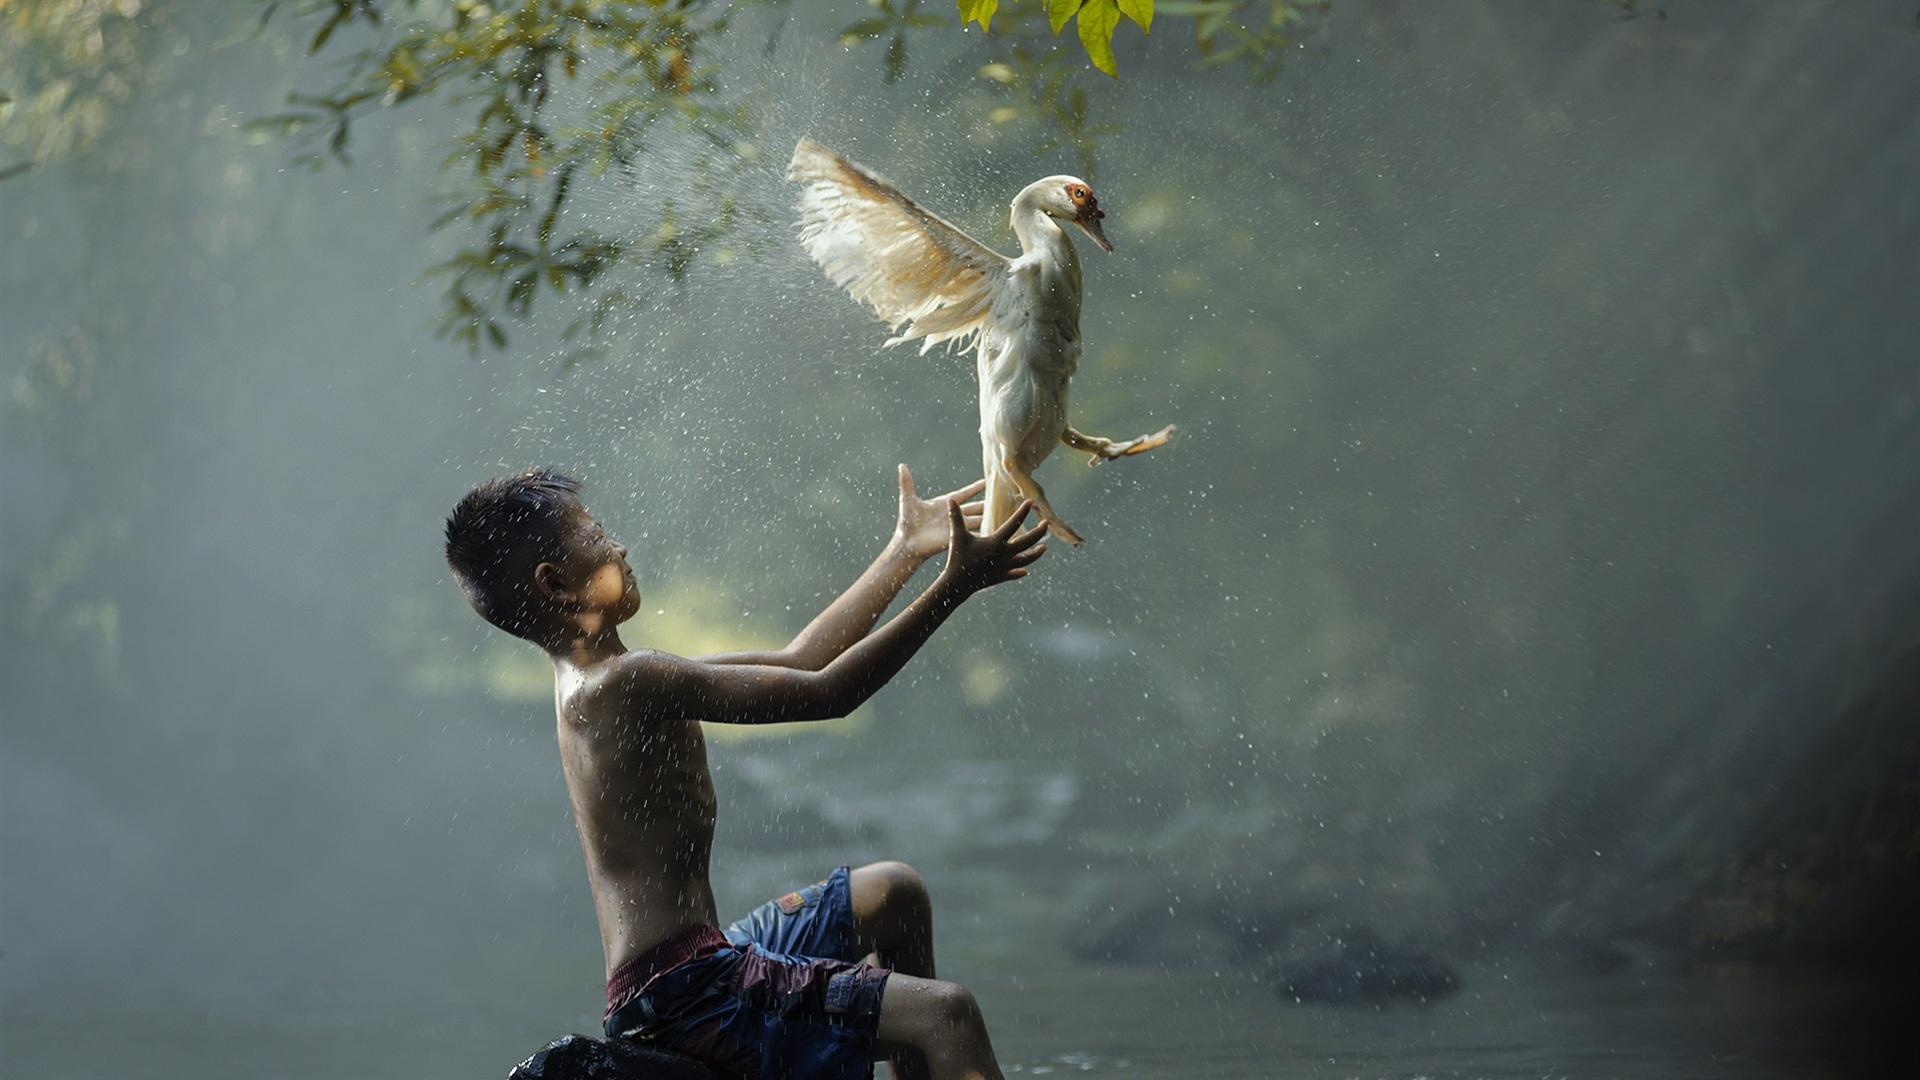 хоть картинки про птиц и людей становиться позу